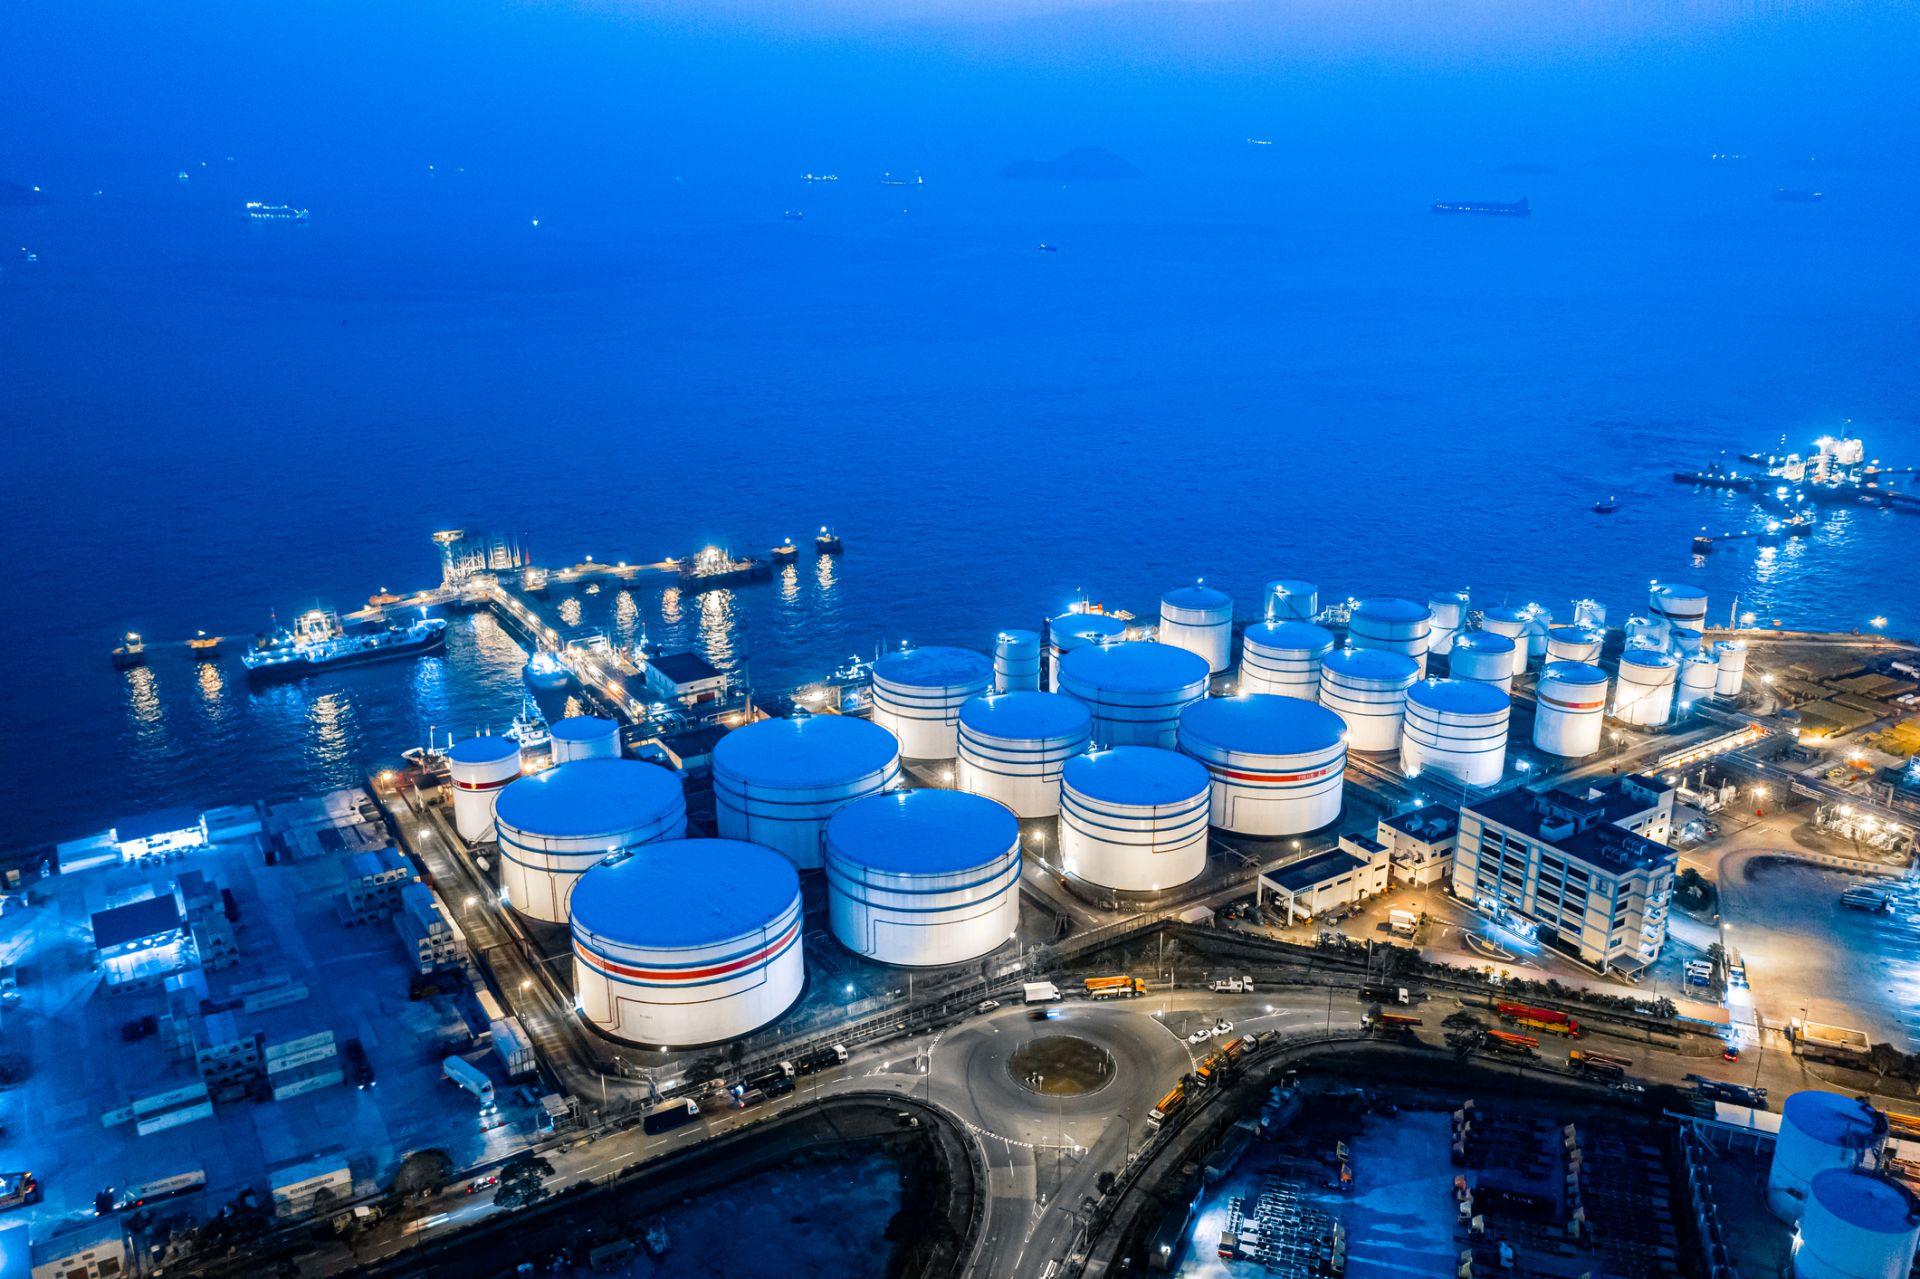 Глобалното търсене на втечнен природен газ се очаква да се увеличи почти двойно до 2014 г.